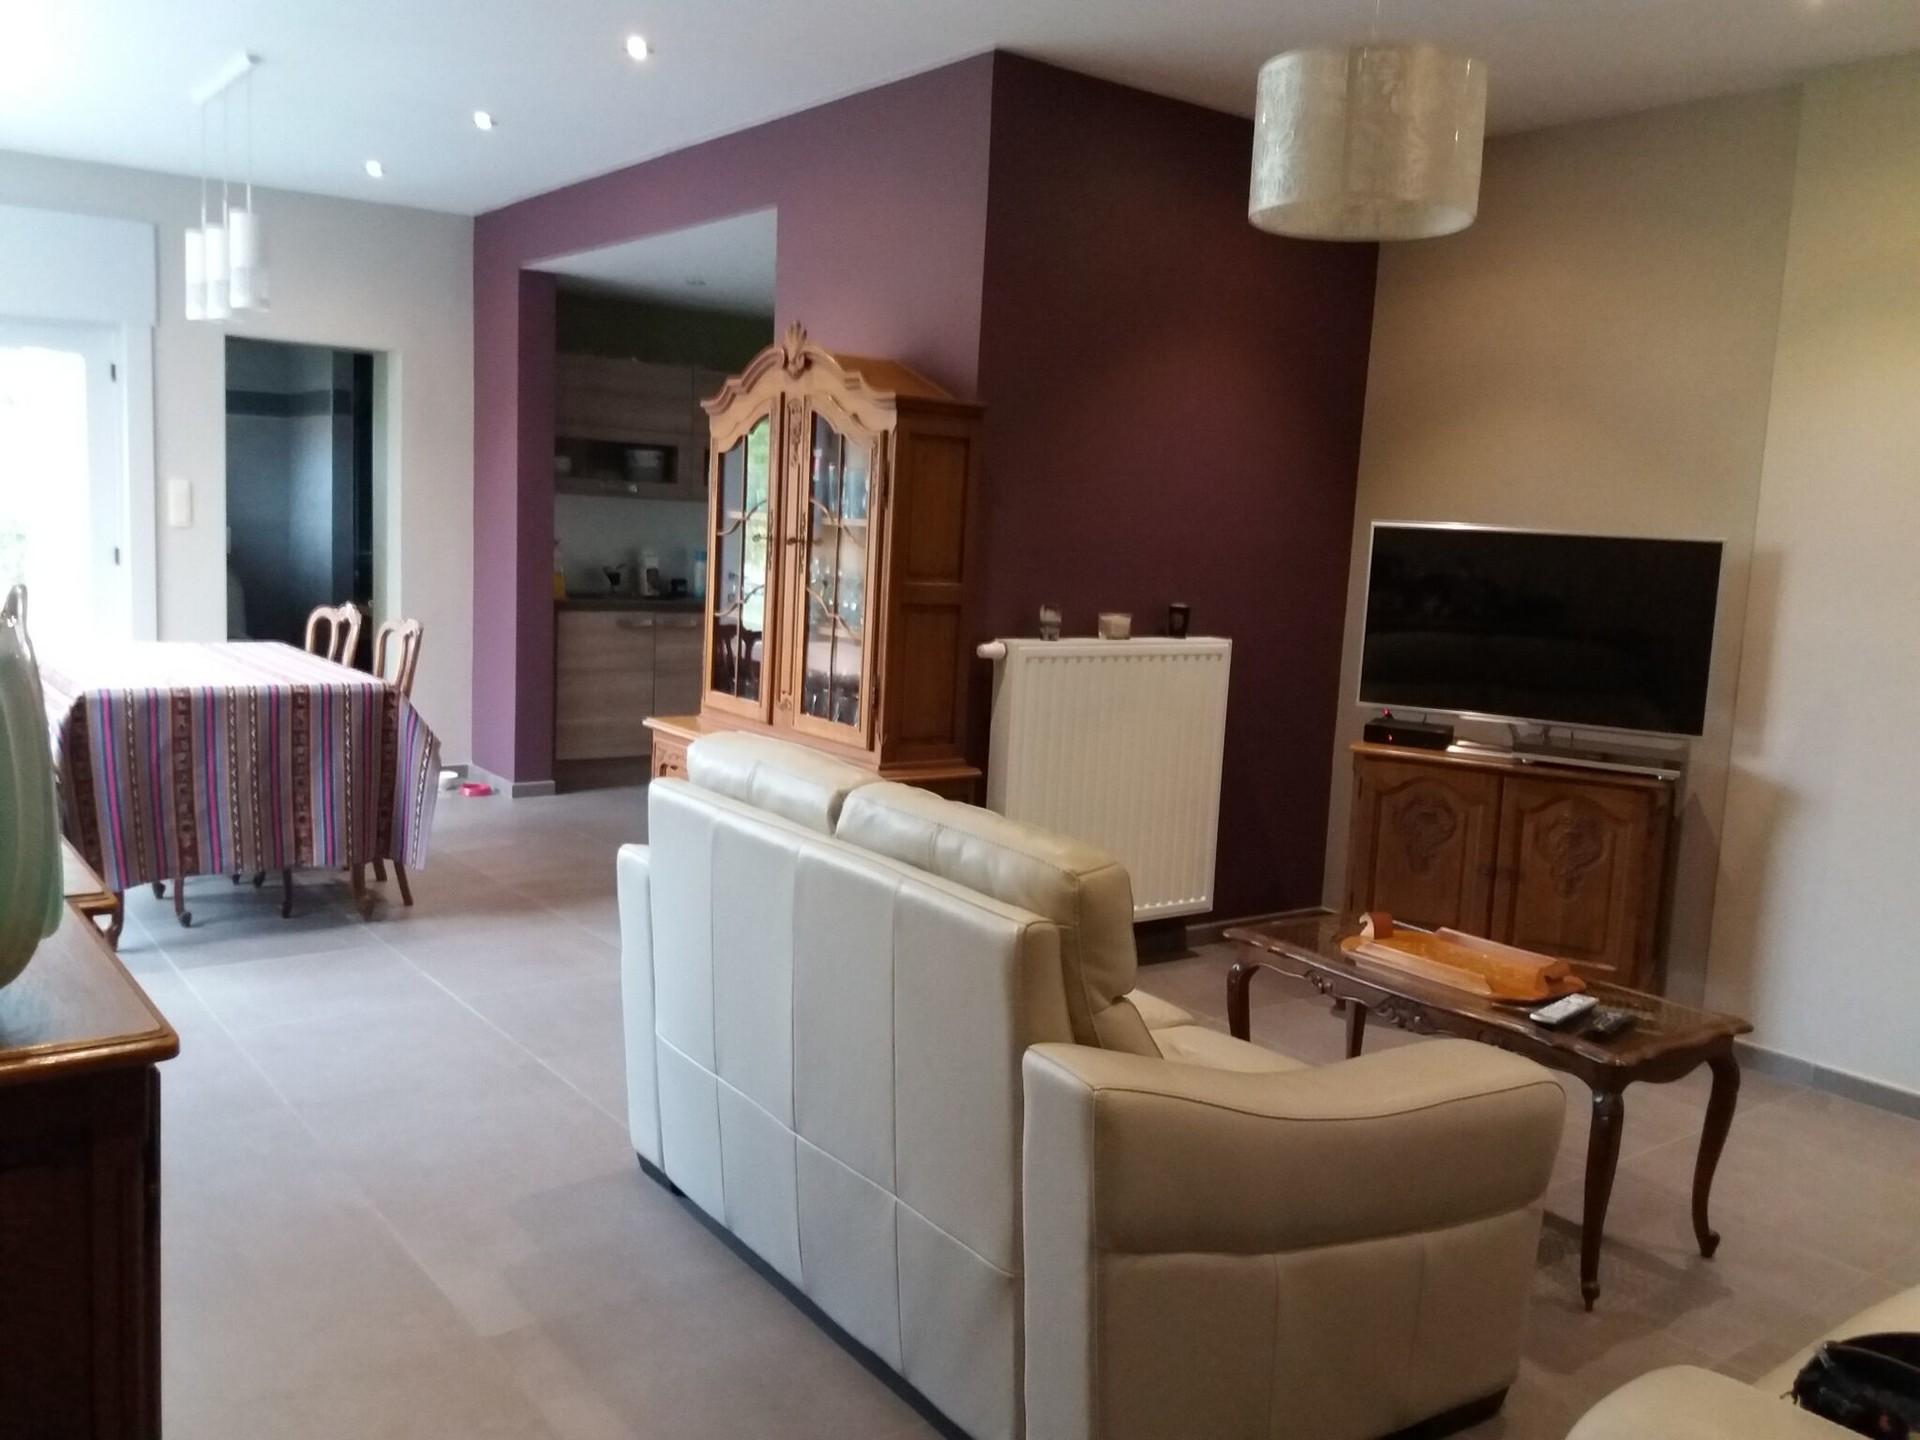 Chambre louer dans une maison colocation 5km de mons location chambres mons - Louer une chambre a nice ...